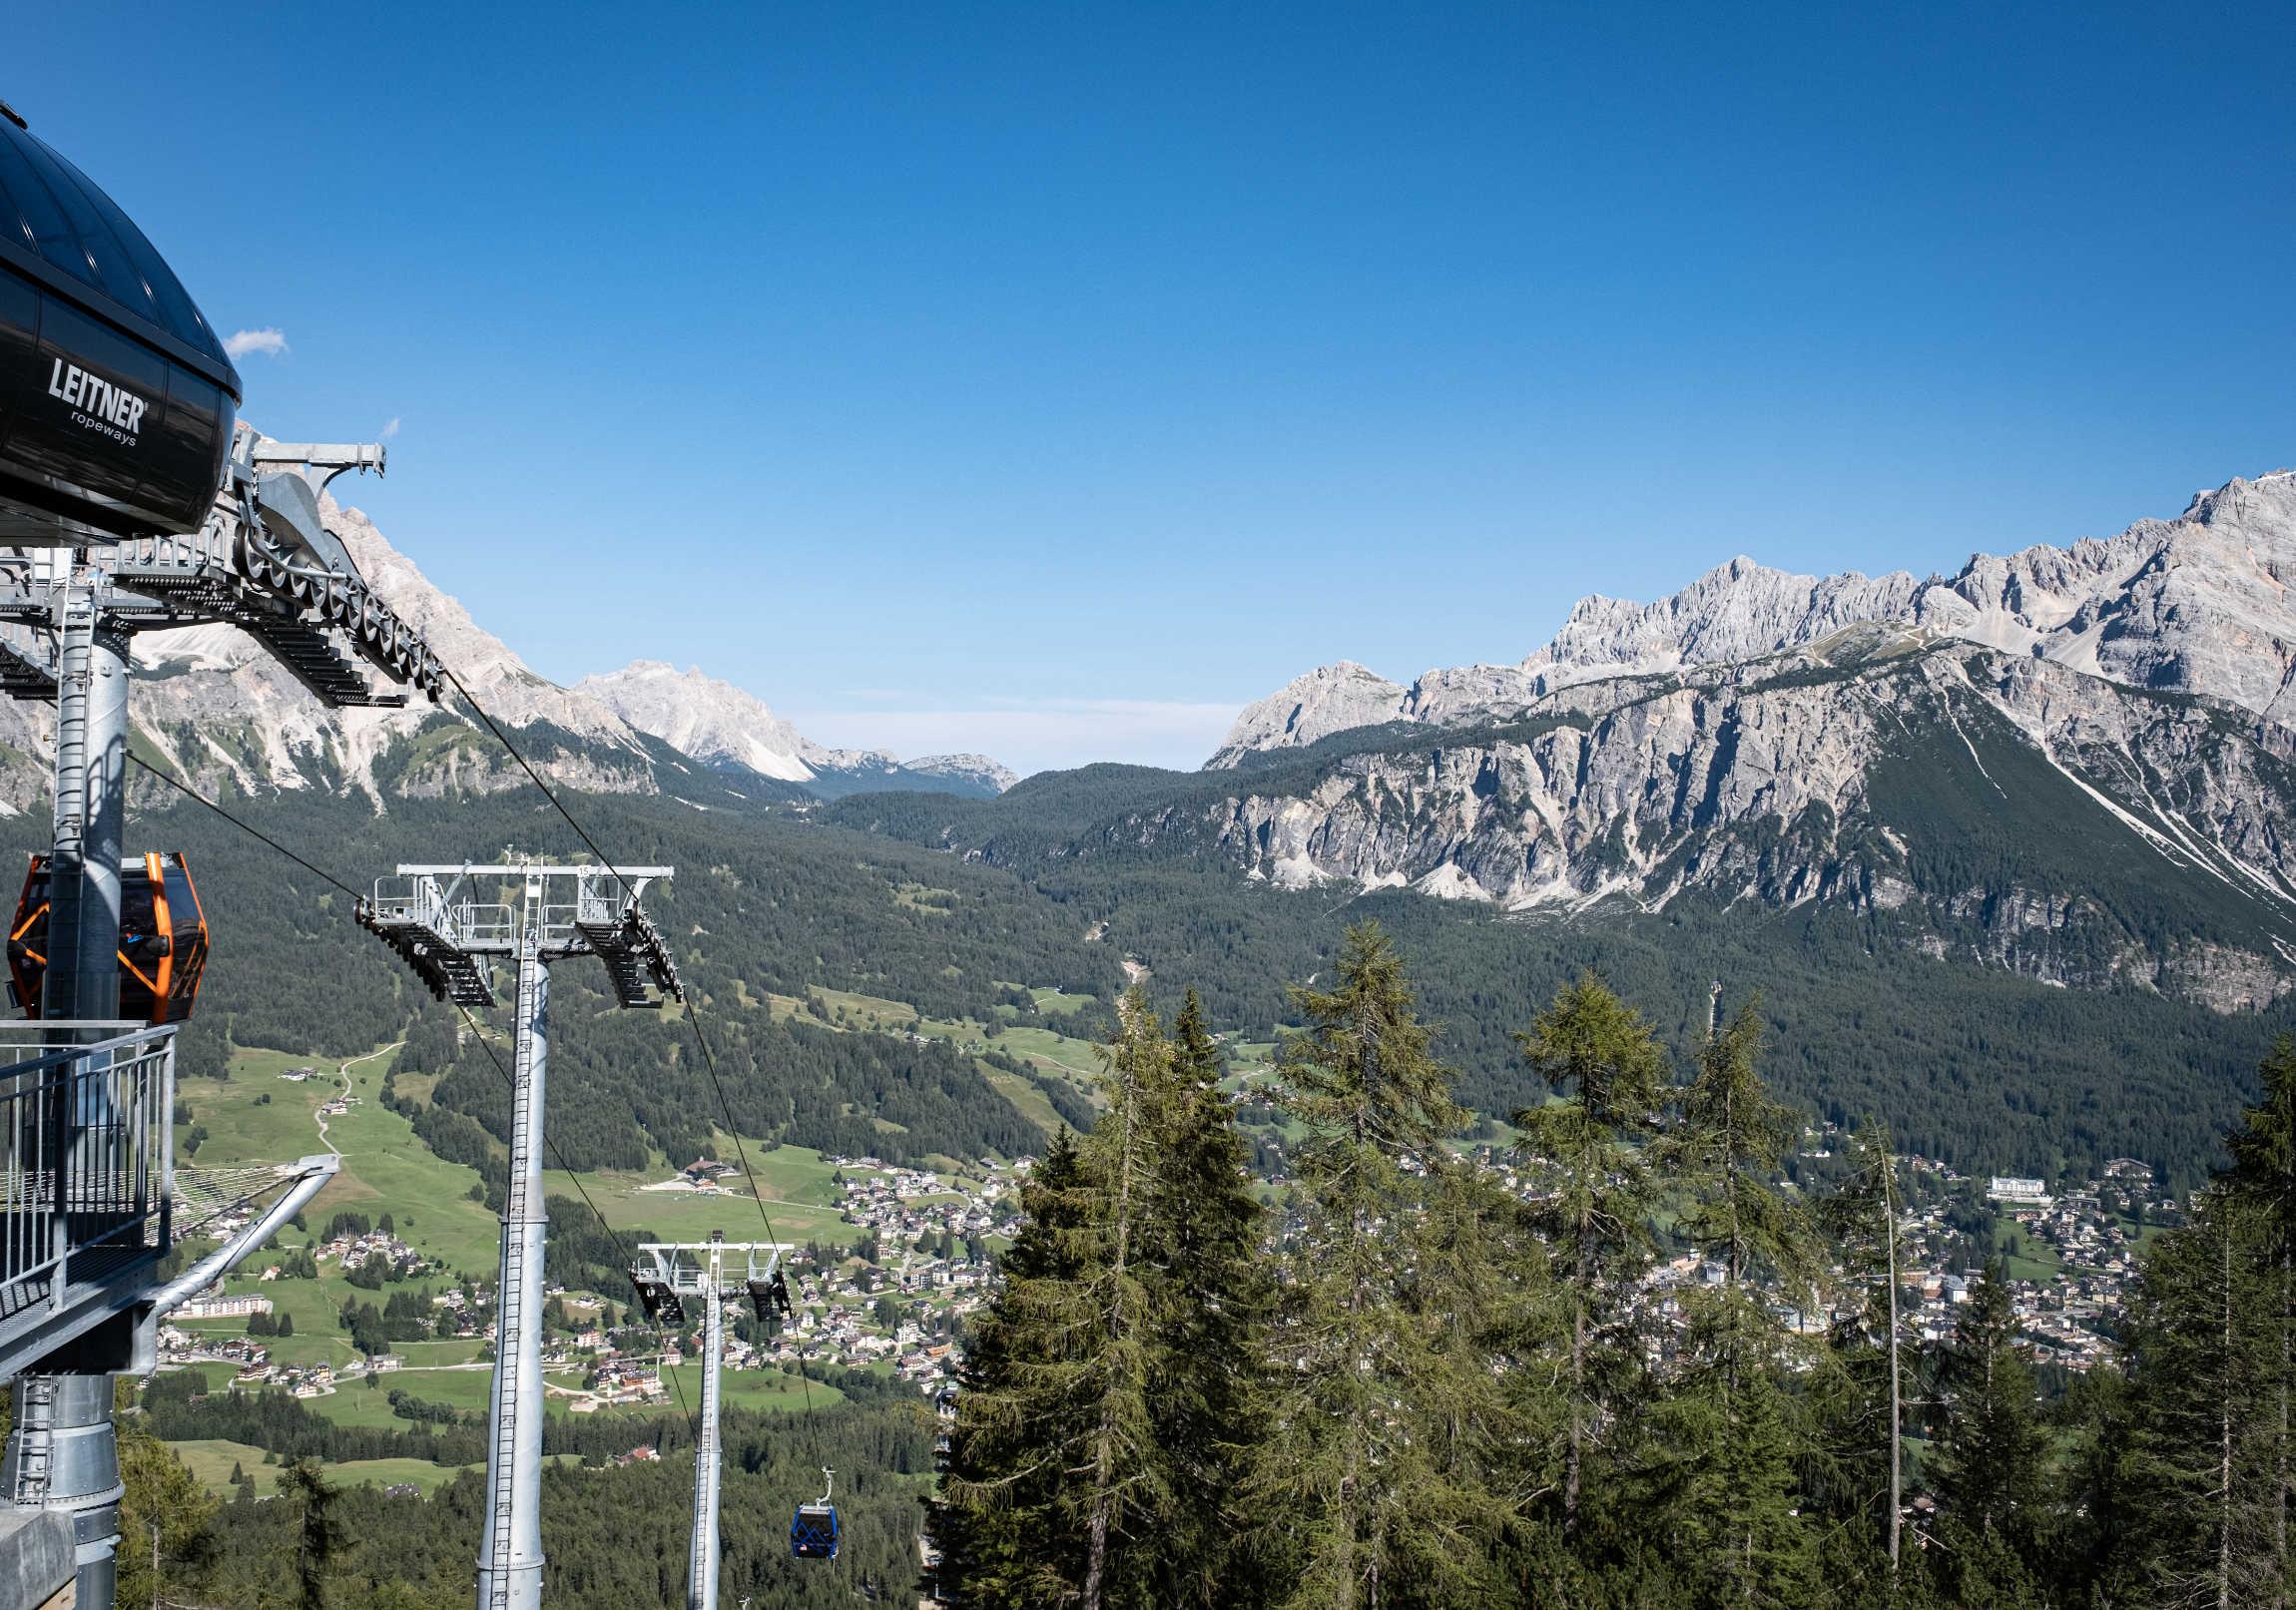 Col Druscié, Ra Valles e Cima Tofana, le montagne gourmet e per famiglie di Cortina